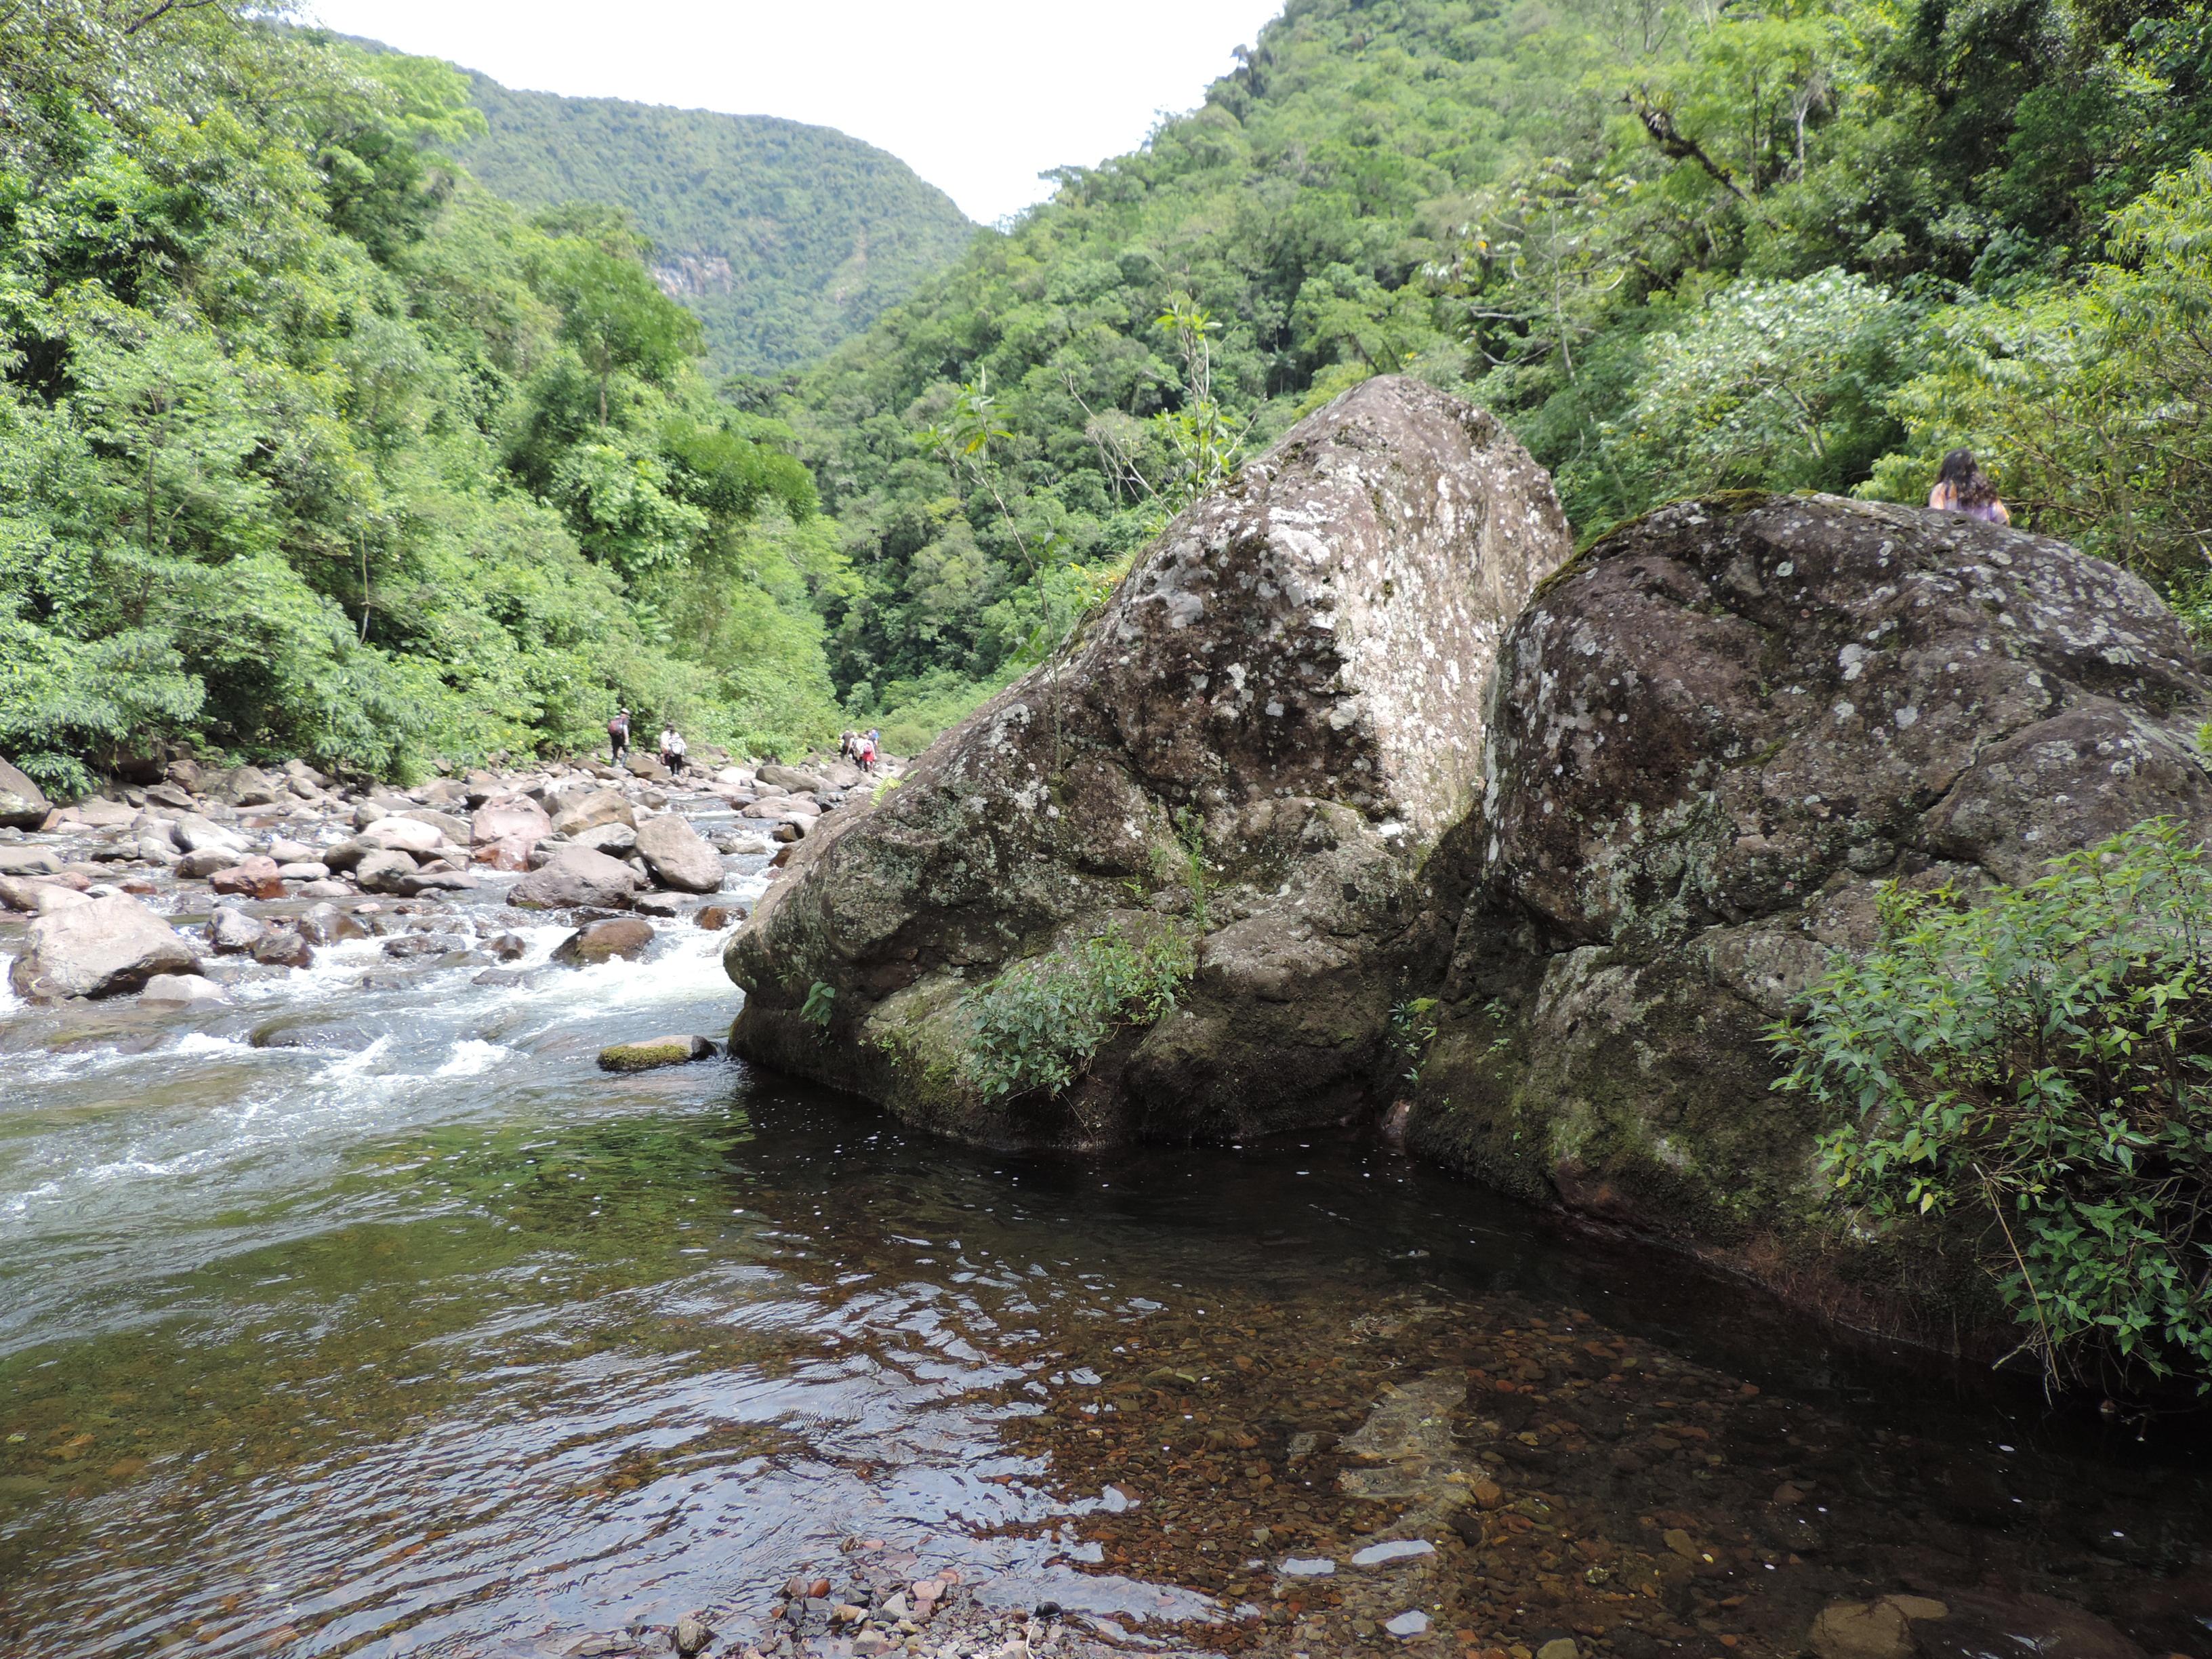 Rio do Boi